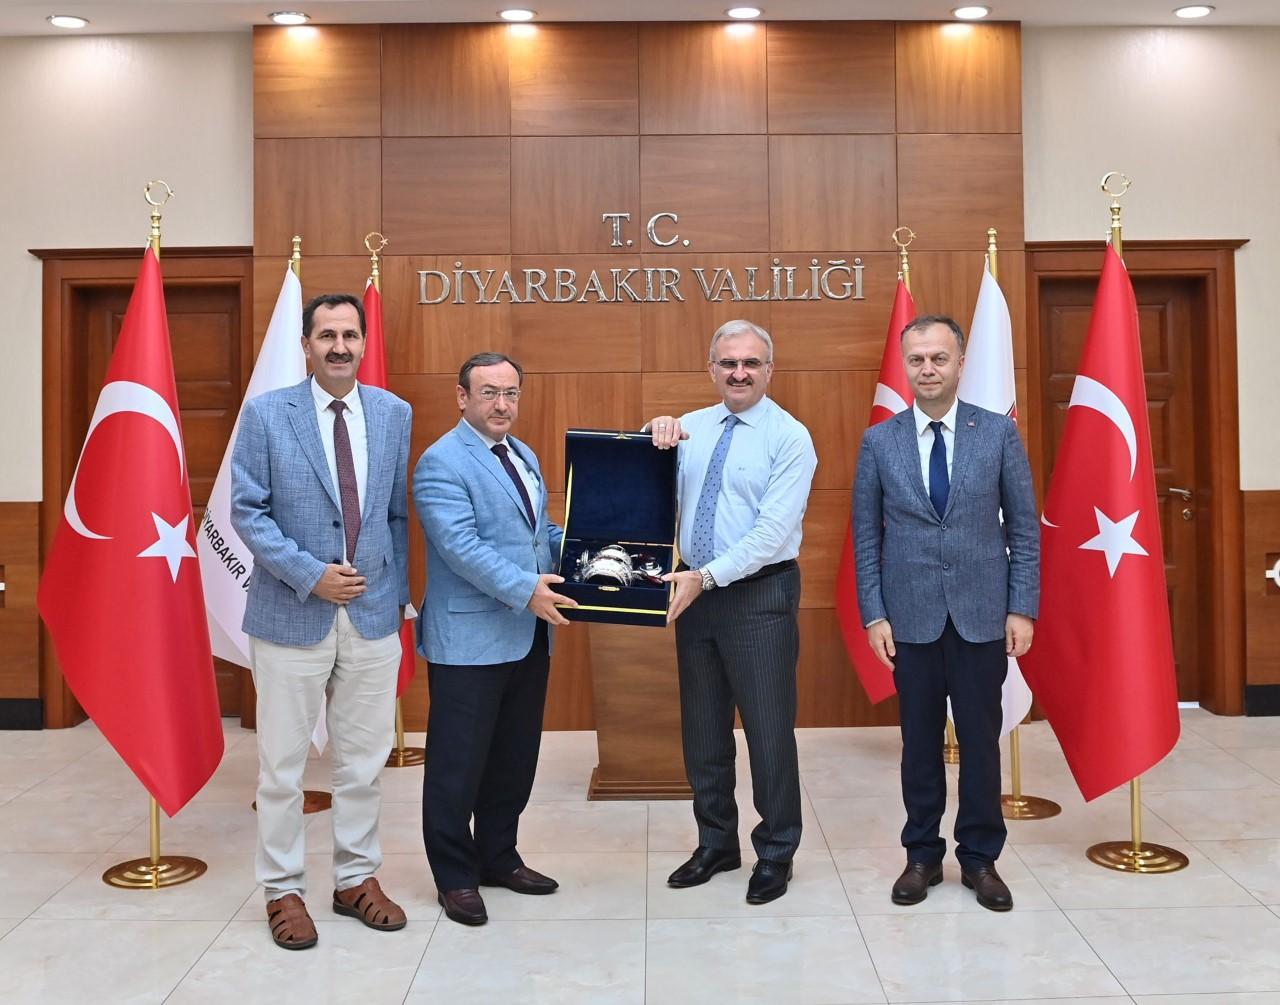 Çaykur'dan Diyarbakır çıkarması